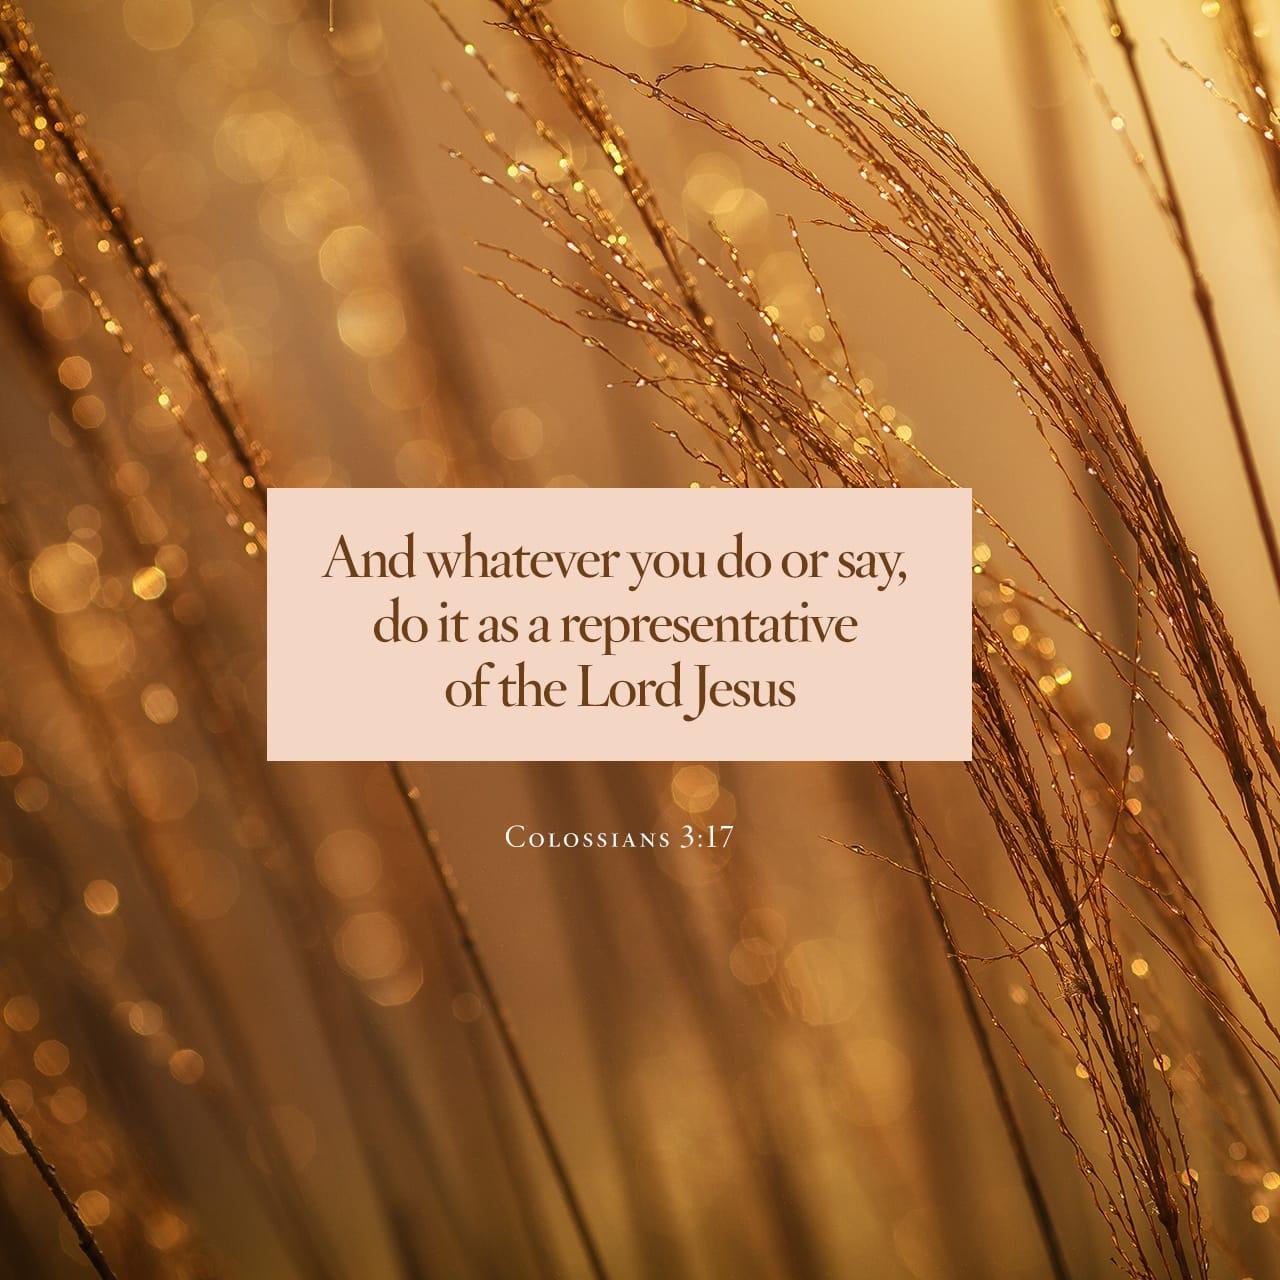 Colosenses 3:17 Y todo lo que hacéis, sea de palabra o de hecho, hacedlo todo en el nombre del Señor Jesús, dando gracias a Dios Padre por medio de él. | Biblia Reina Valera 1960 (RVR1960)